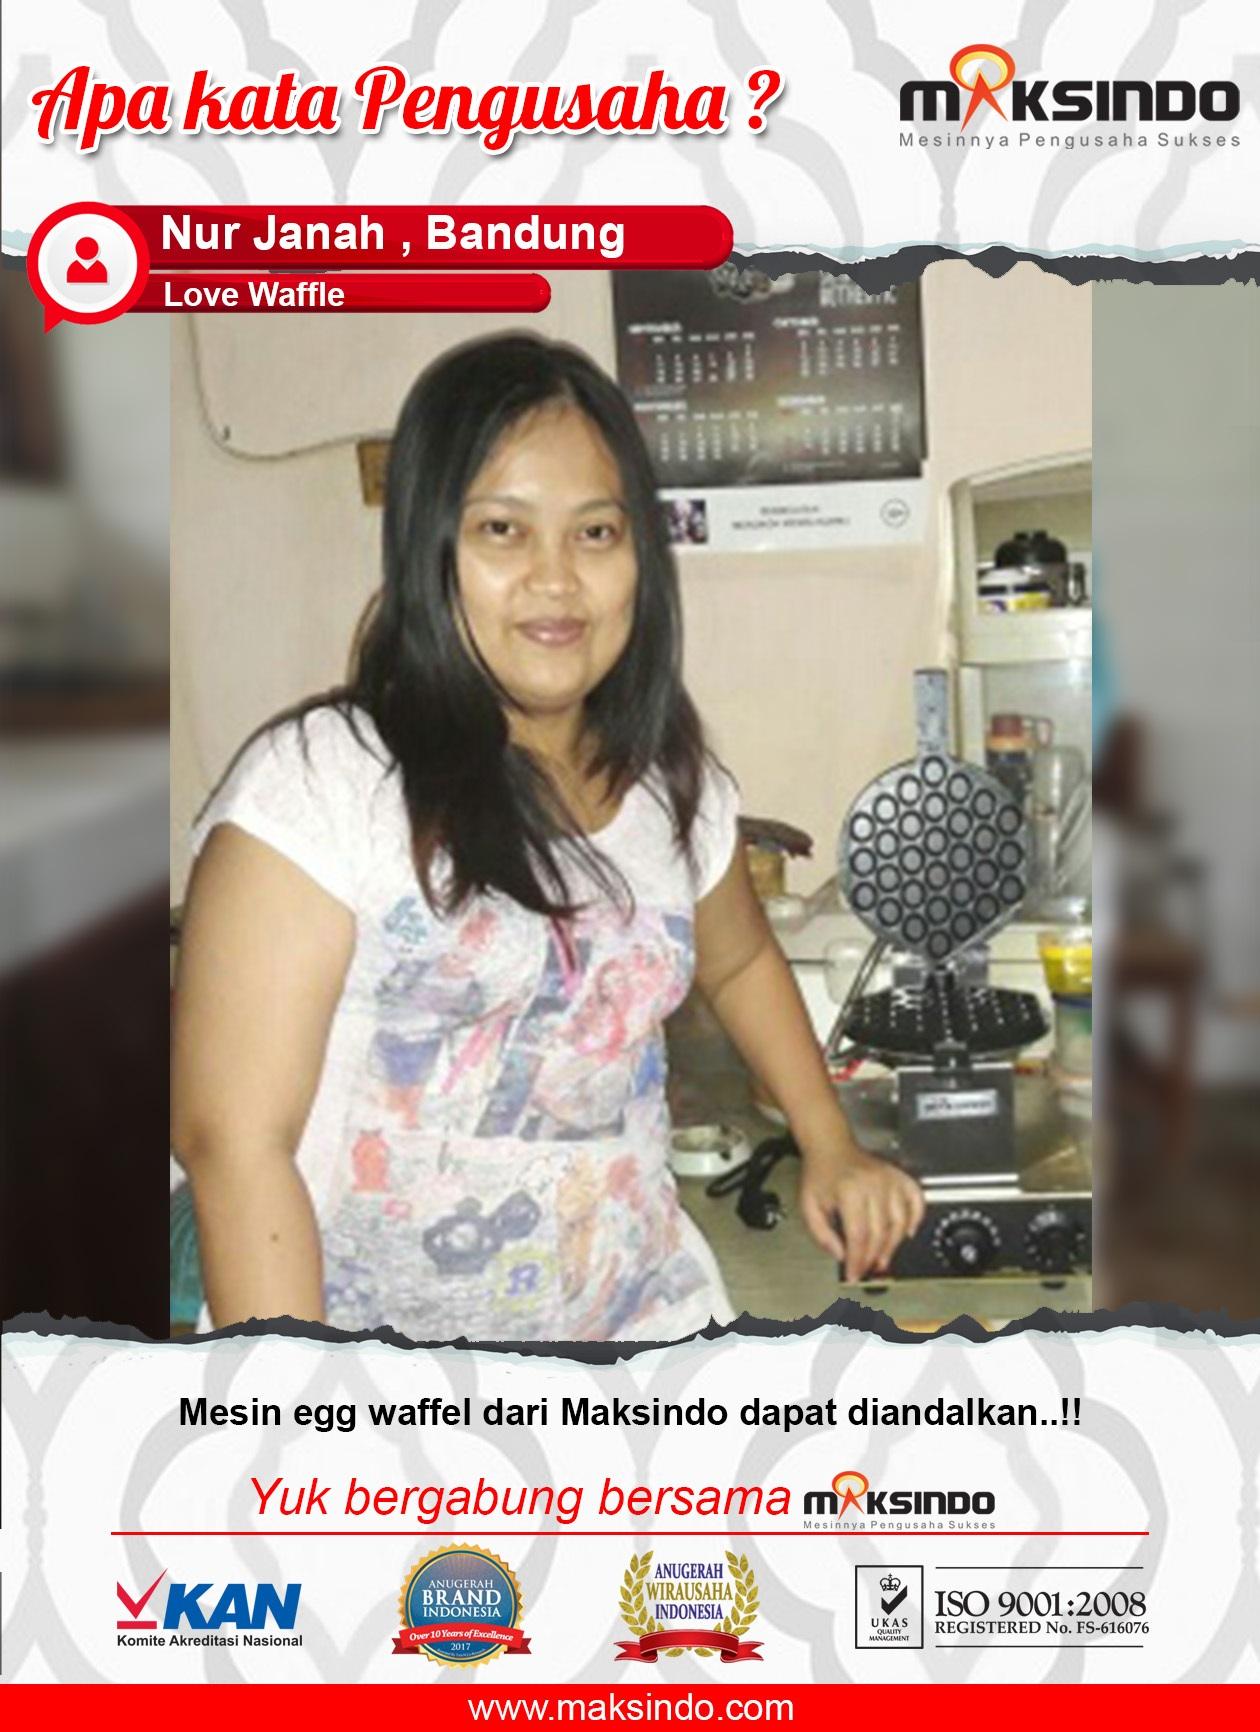 Love Waffle : Dengan Mengandalkan Mesin Egg waffle dari Maksindo Usaha Saya Jaya